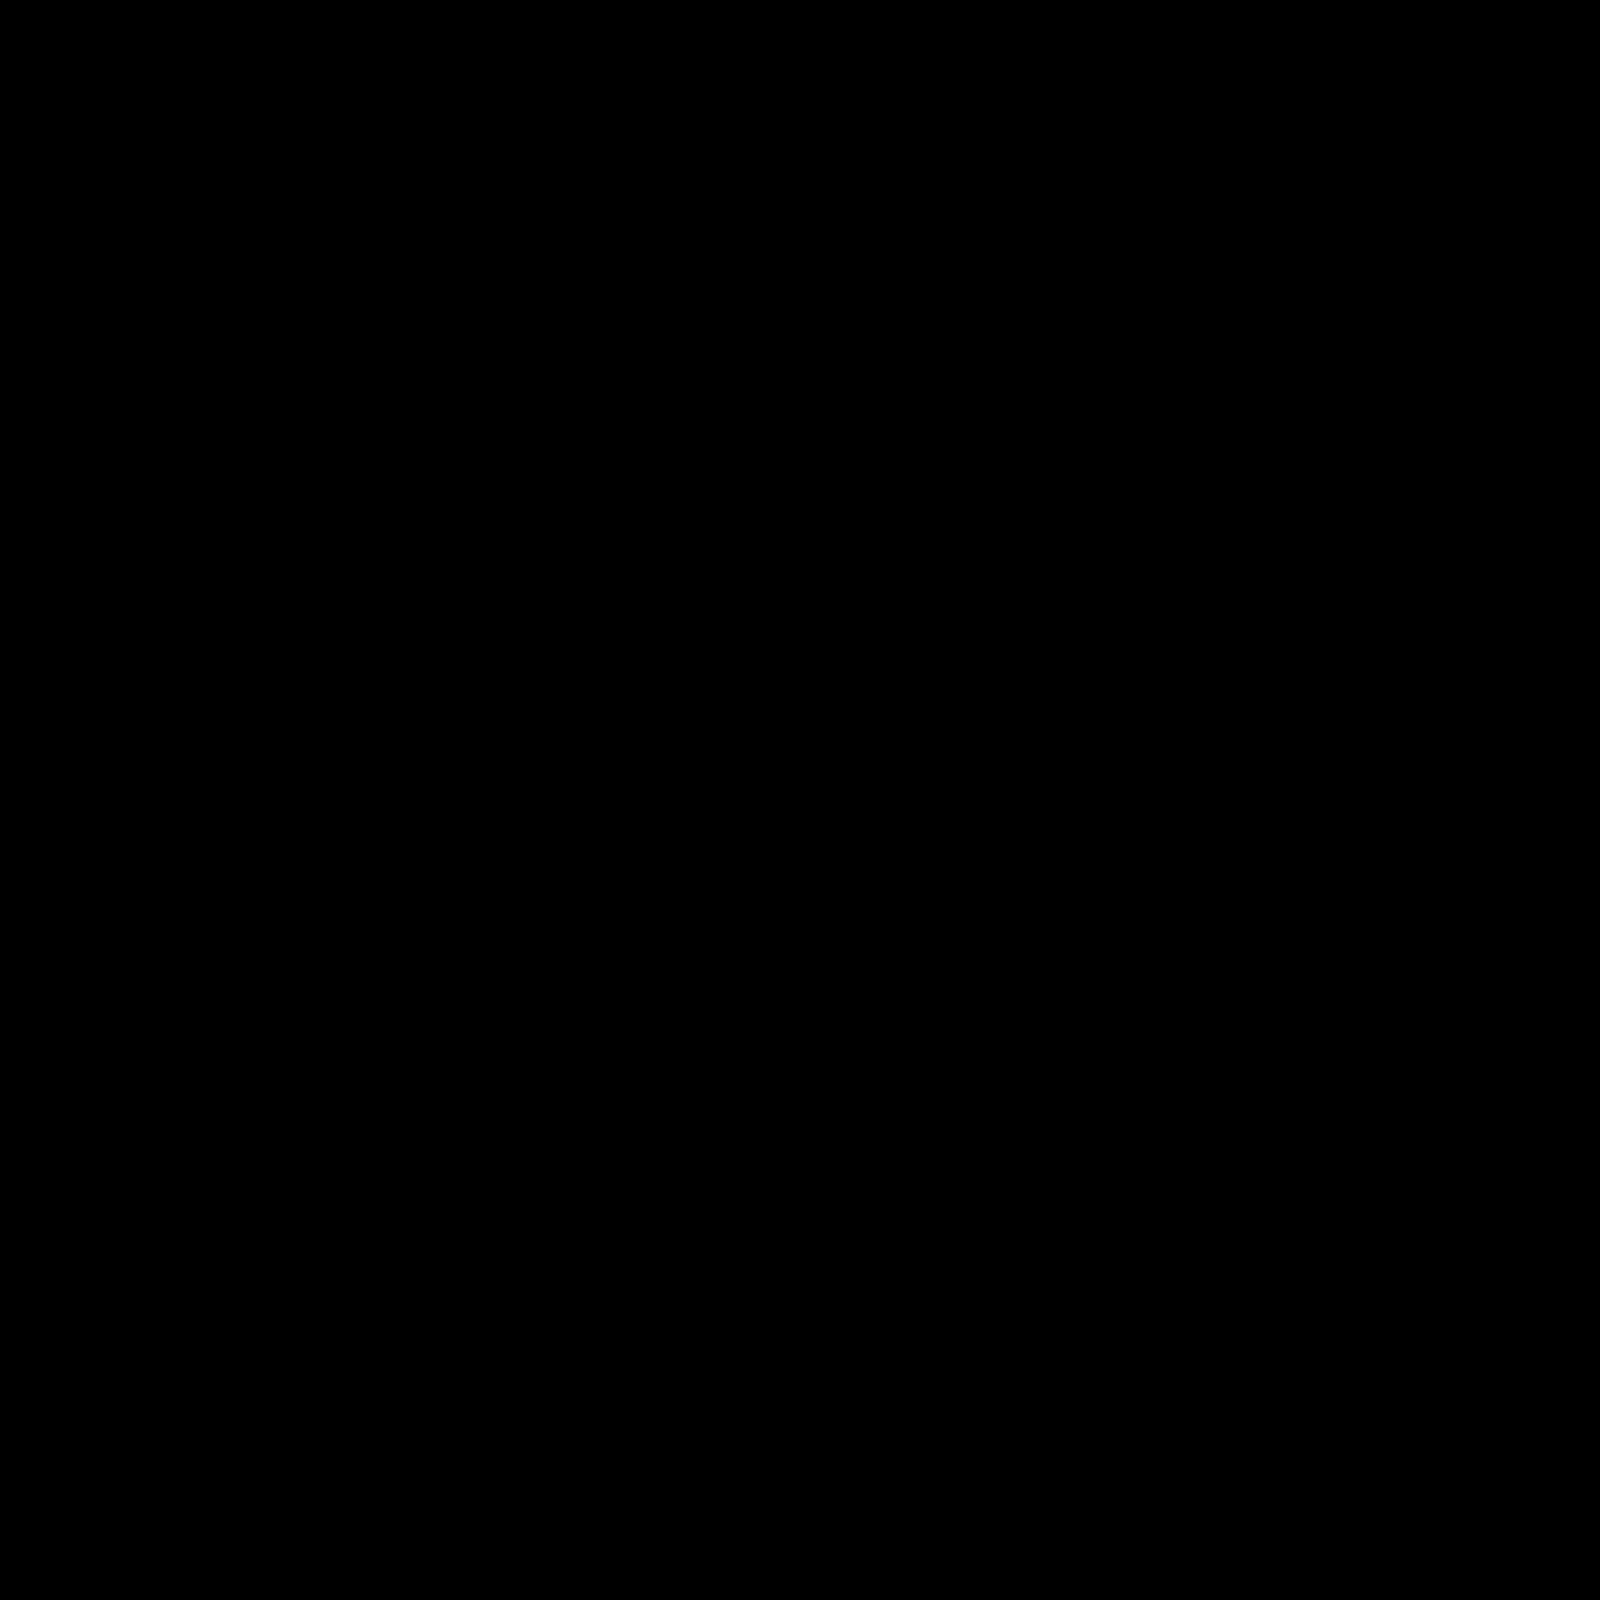 自殺リスク icon. This icon resembles a typical hangman's noose. An almost teardrop shaped hanging rope with the hangman's knot tie above.